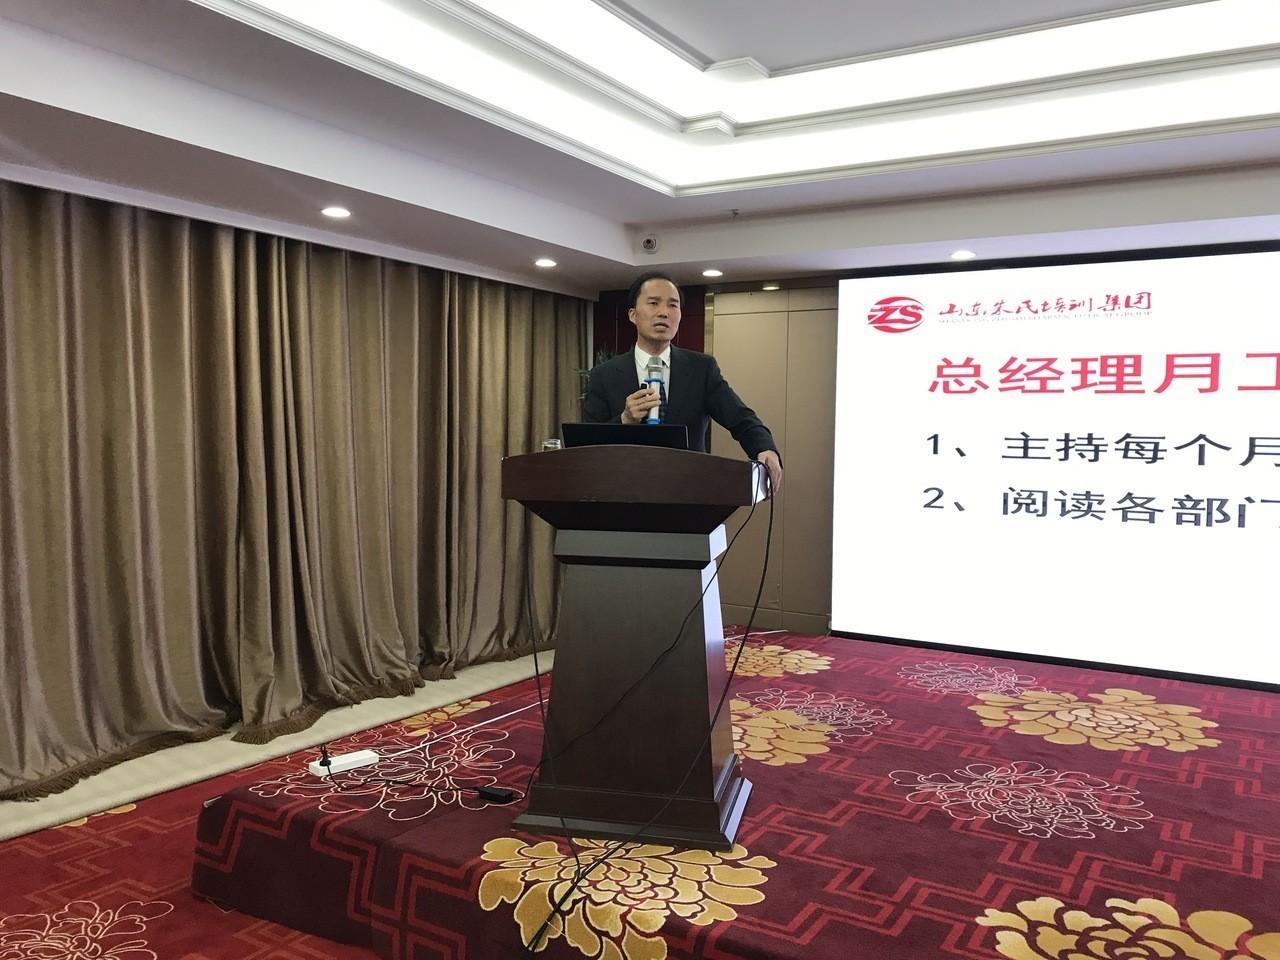 熱烈祝賀山東朱氏藥業集團高層會議圓滿舉行!